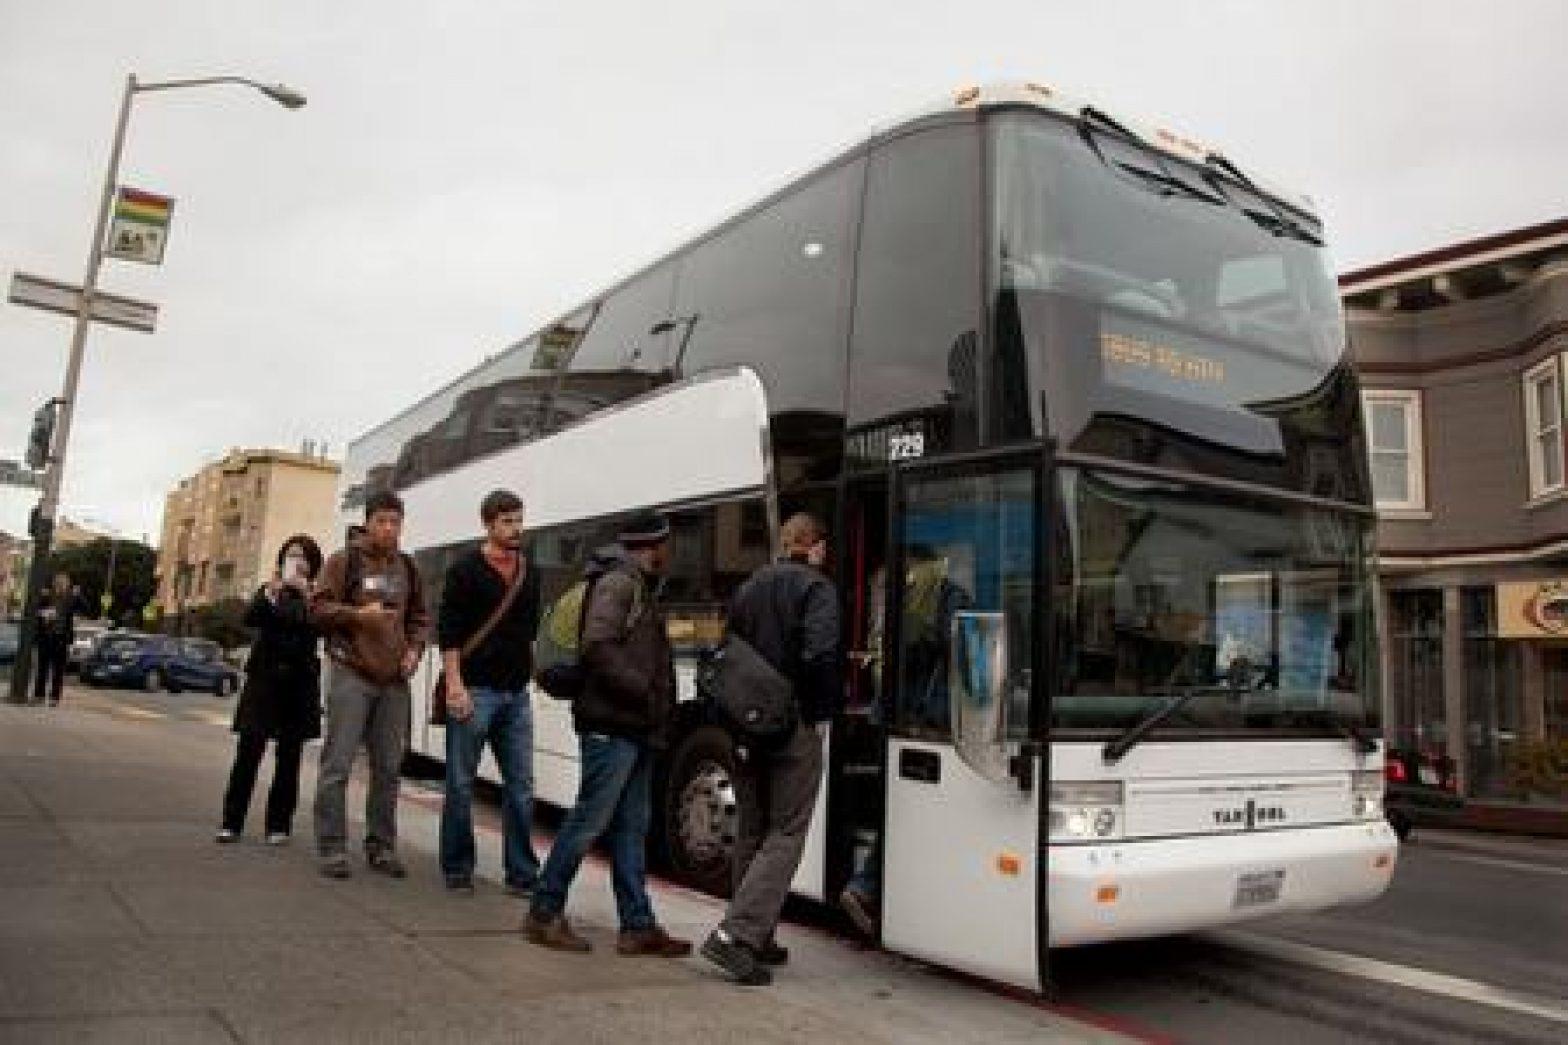 privatebuses_markandrewboyerkqed.jpg